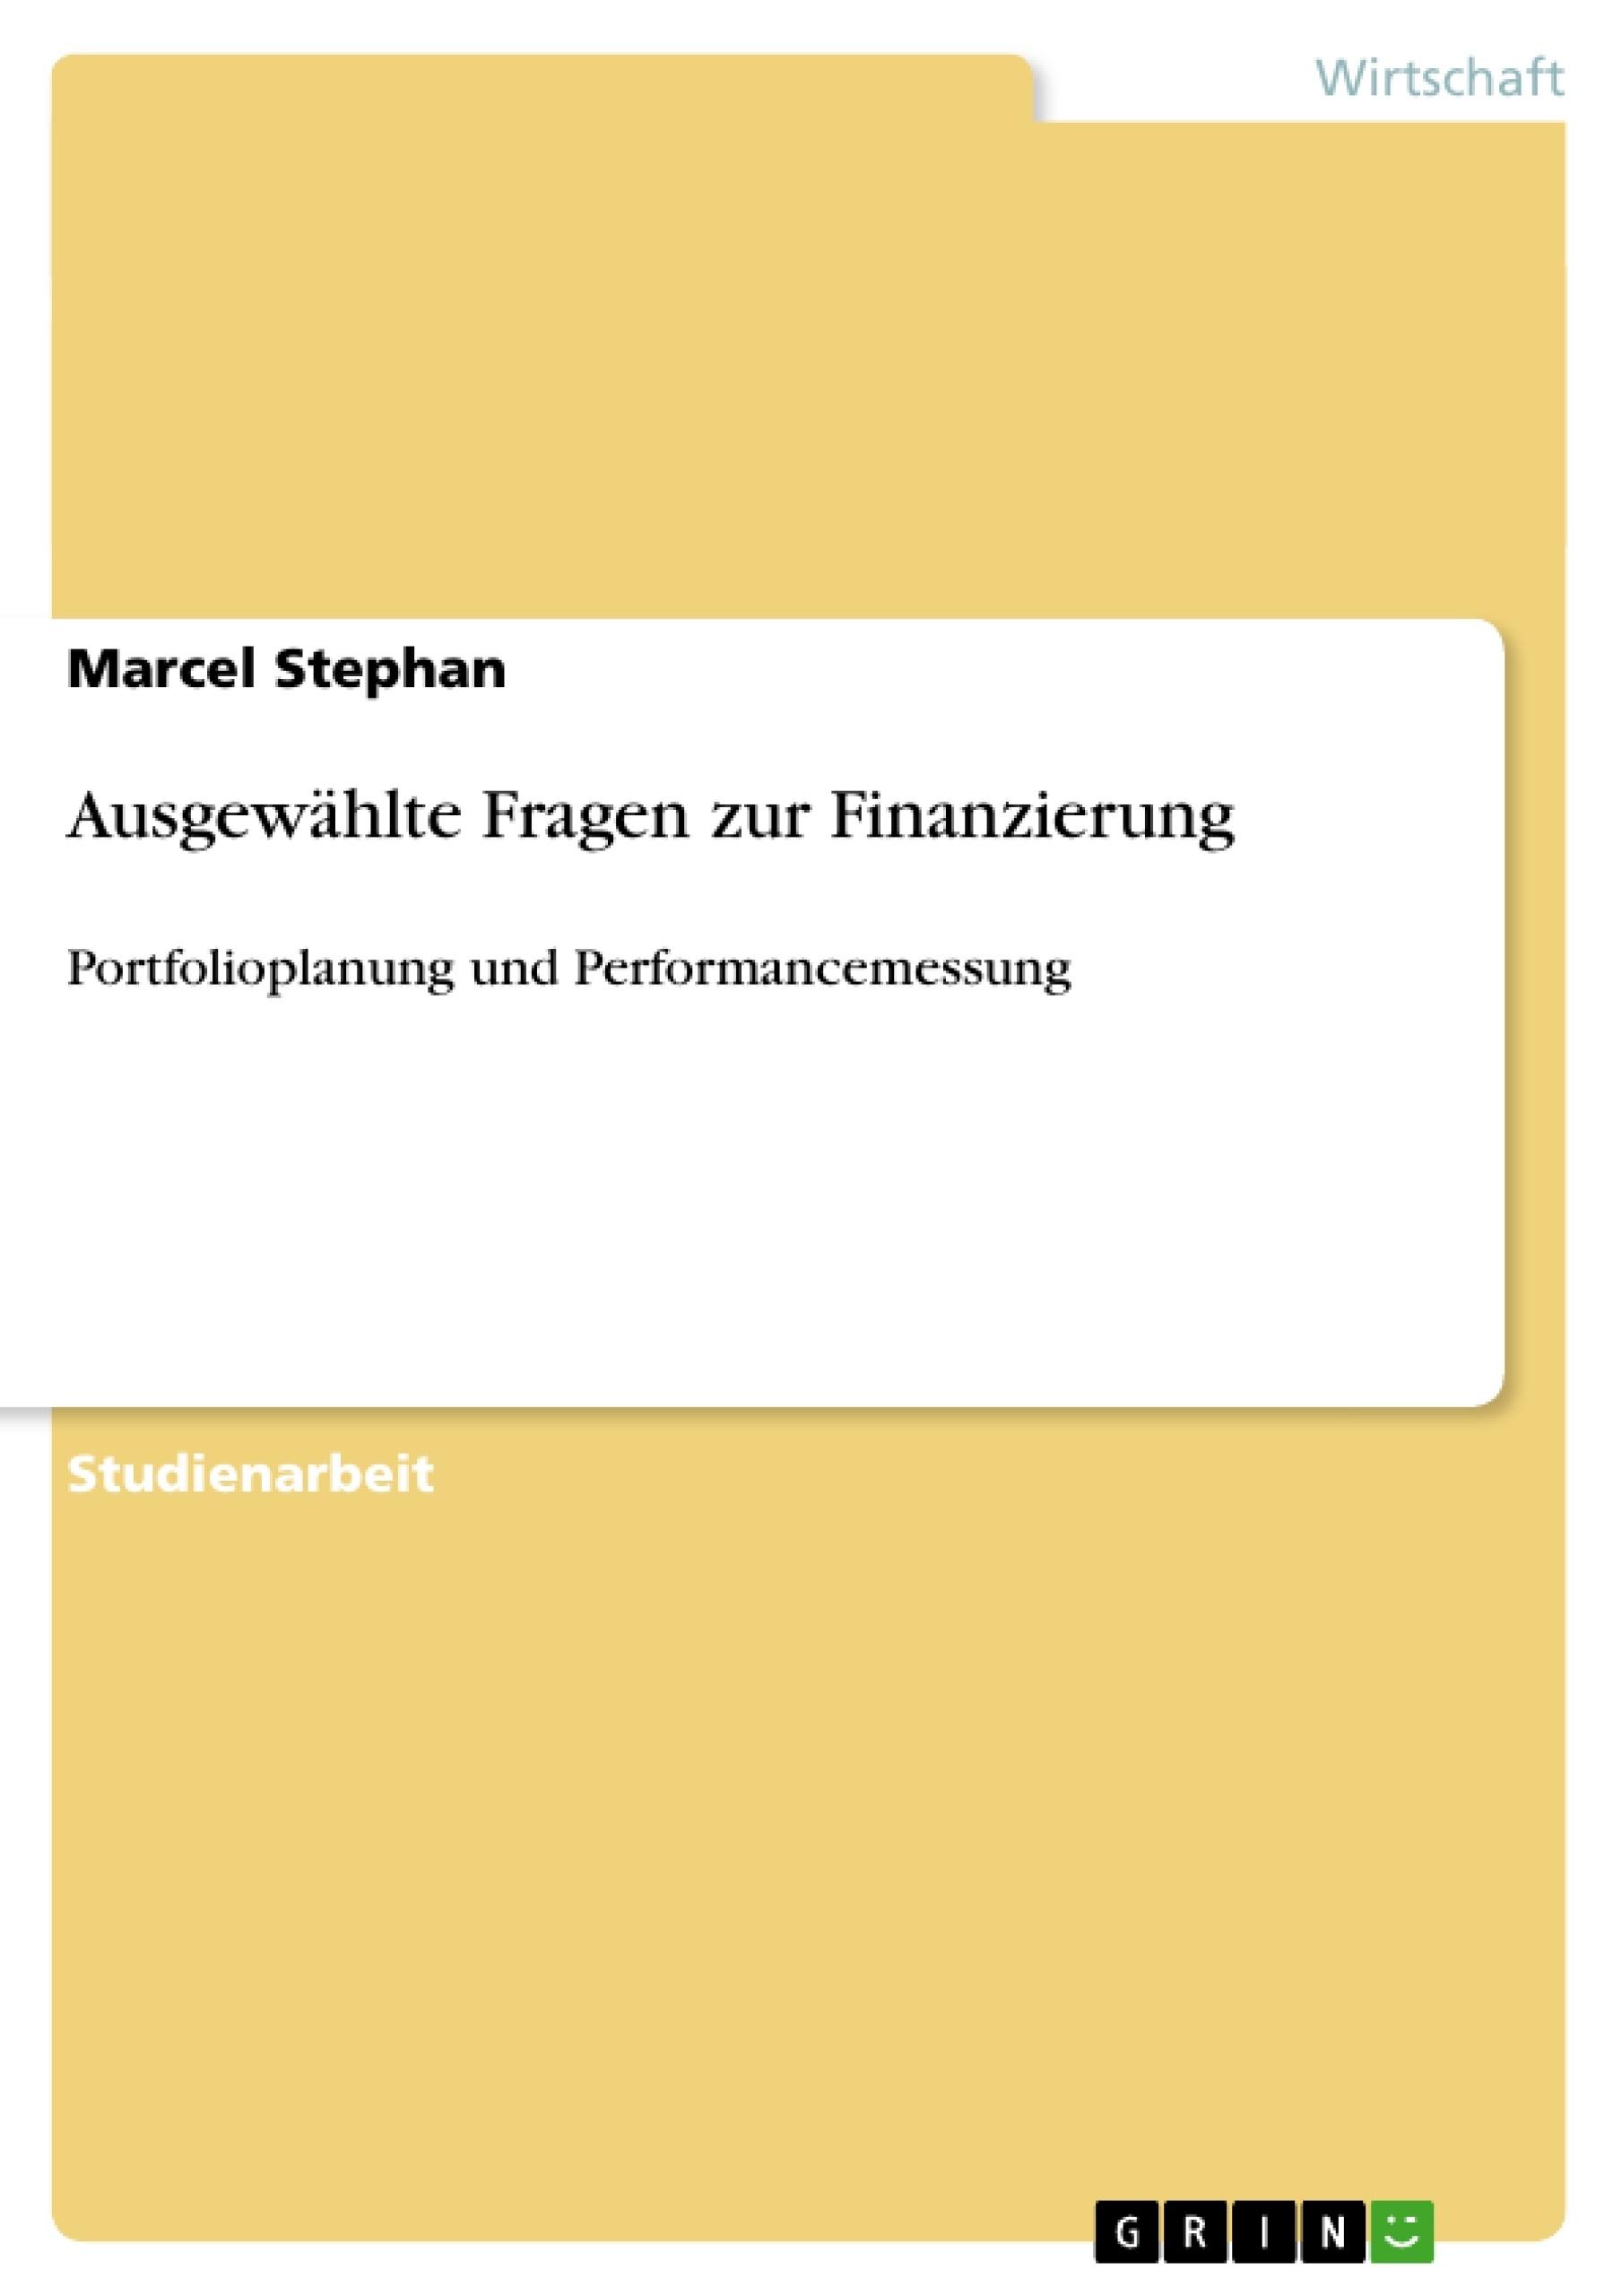 Titel: Ausgewählte Fragen zur Finanzierung